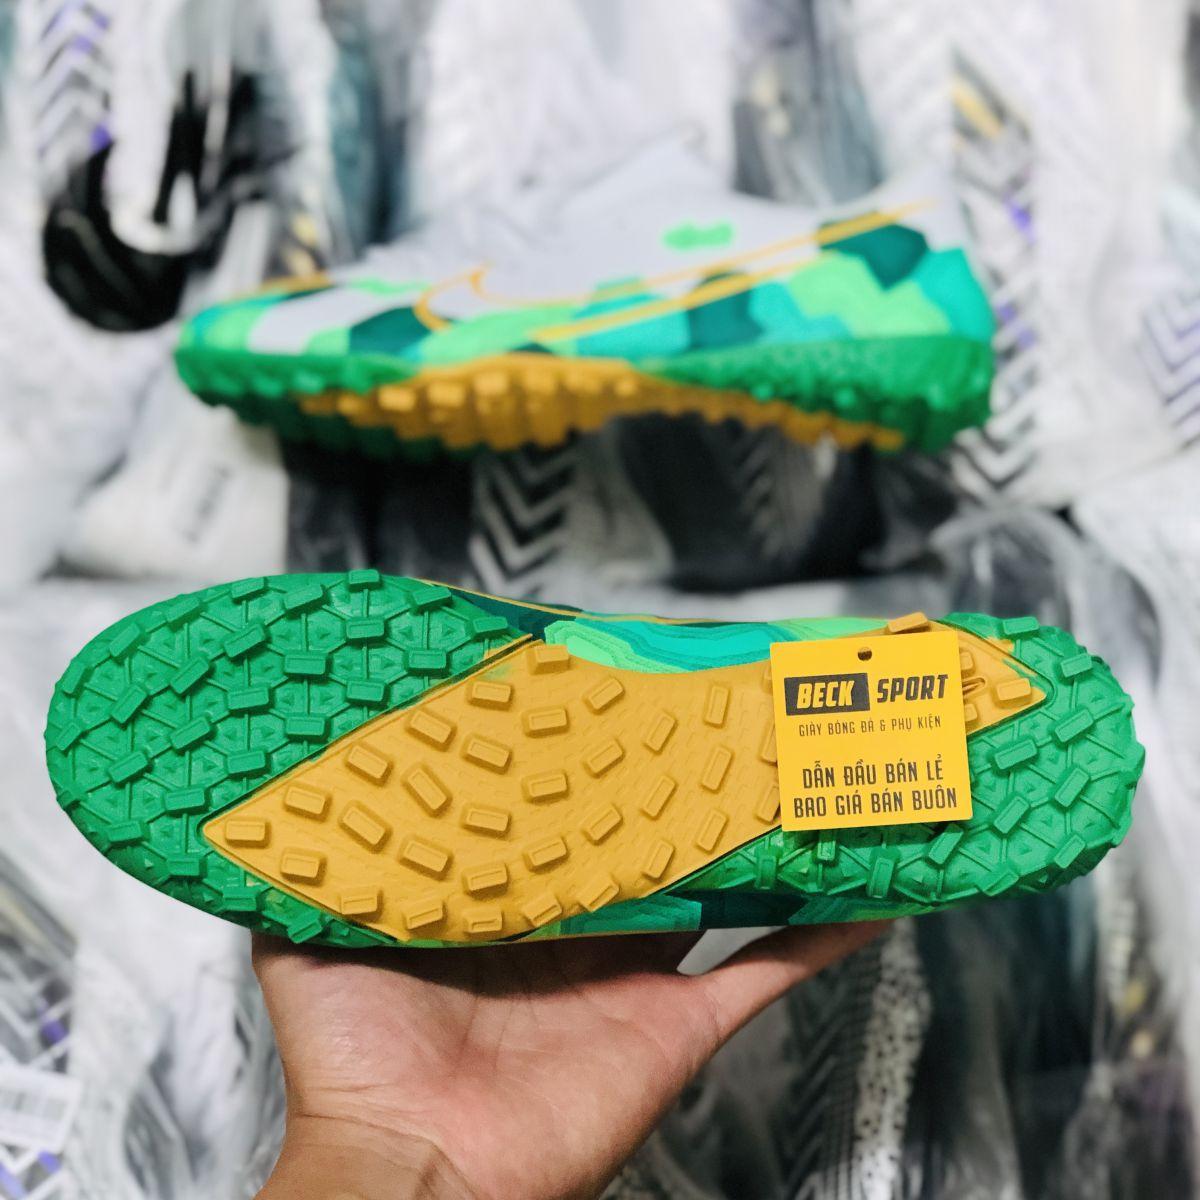 Giày Bóng Đá Nike Mercurial 13 Academy Trắng Xanh Lục Vạch Vàng TF